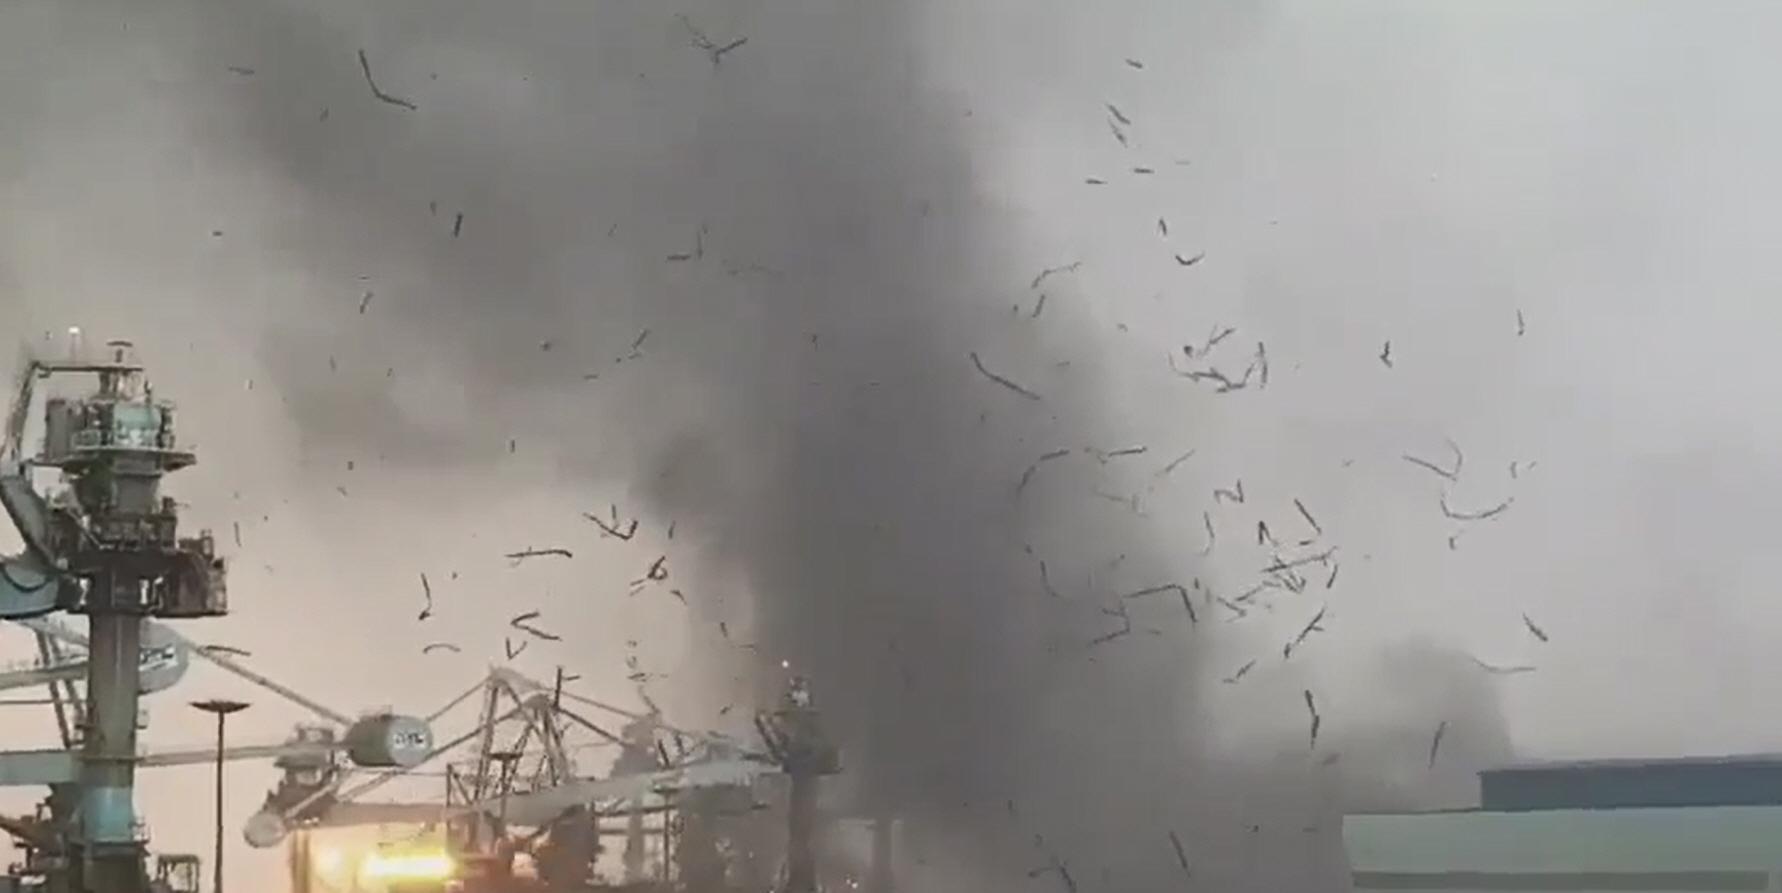 15일 오후 4시 30분 쯤 충남 당진시 송악읍 현대제철 당진공장 제품 출하장 슬레이트 지붕이 강한 바람에 휩쓸려 부두 쪽으로 날아가고 있다. [당진 시민 제공=연합뉴스]